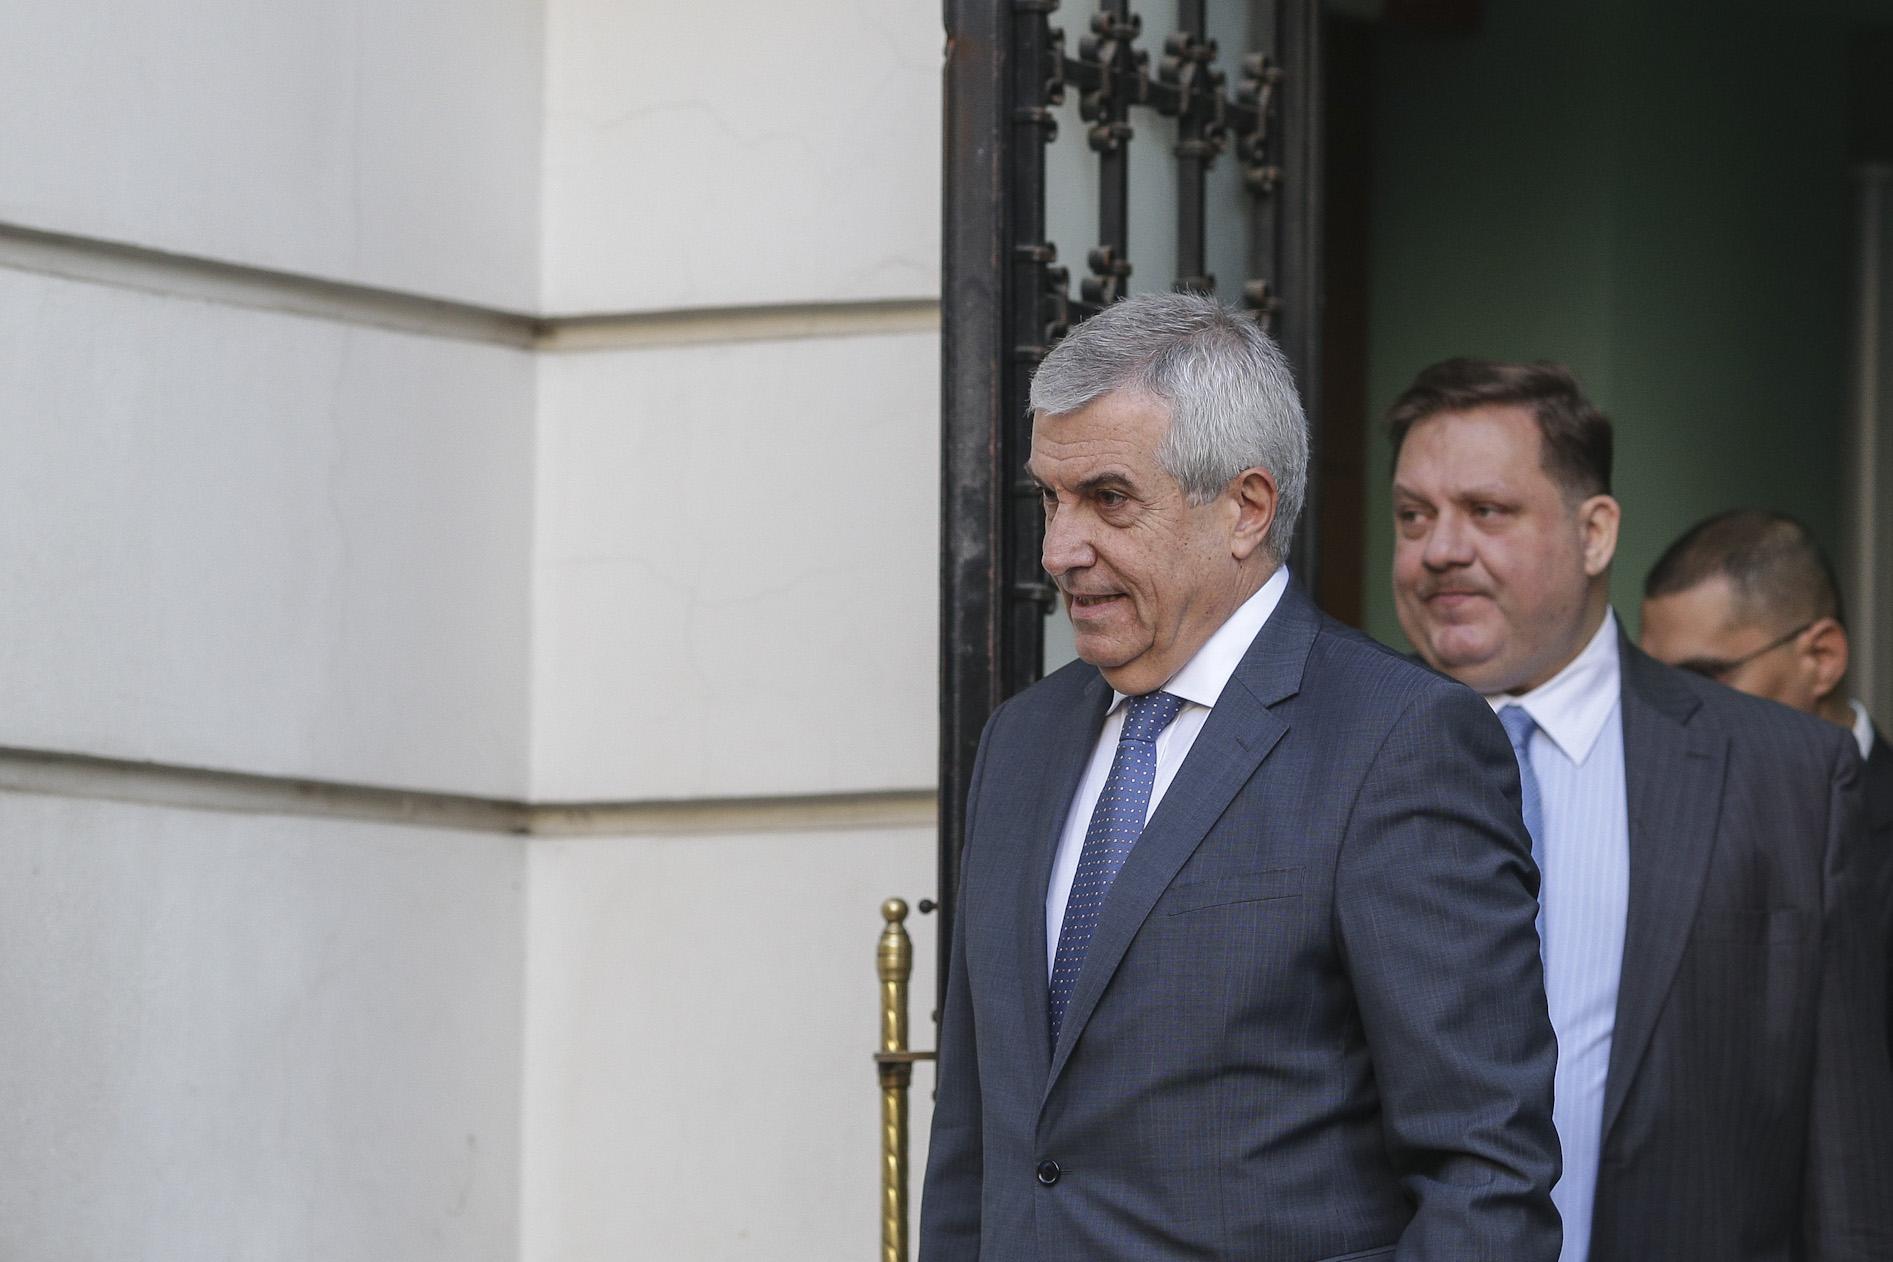 Ce spune ICCJ dupa achitarile pronuntate recent in dosarele mai multor politicieni